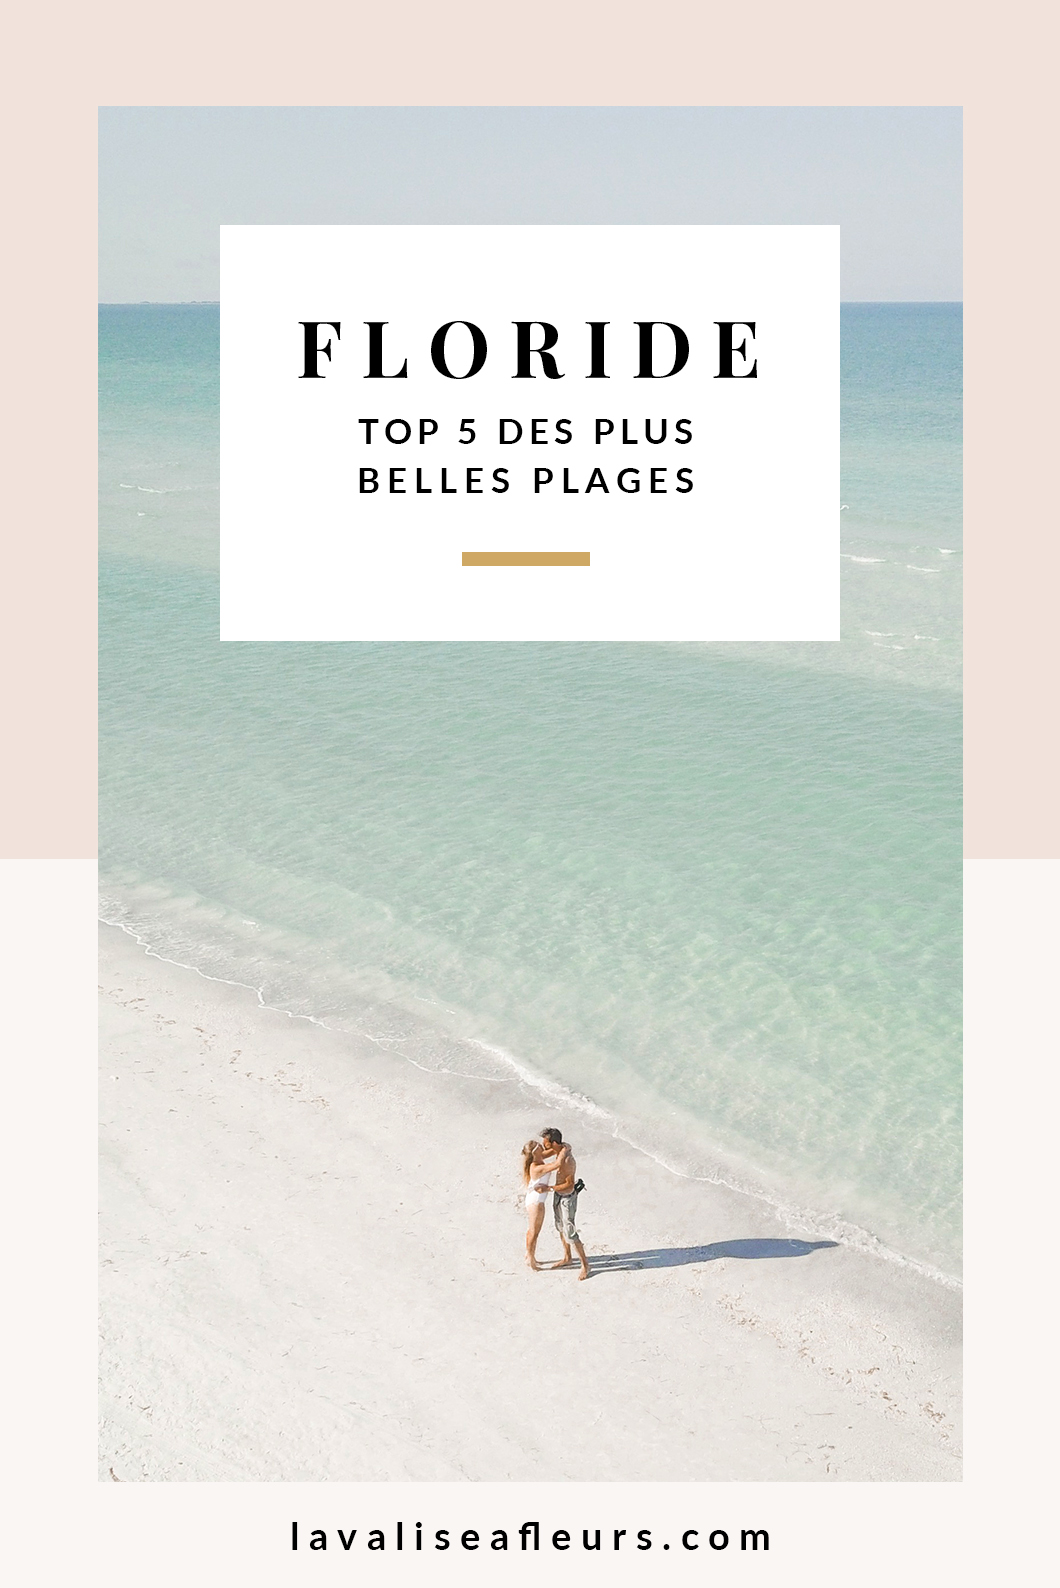 Top 5 des plus belles plages de Floride